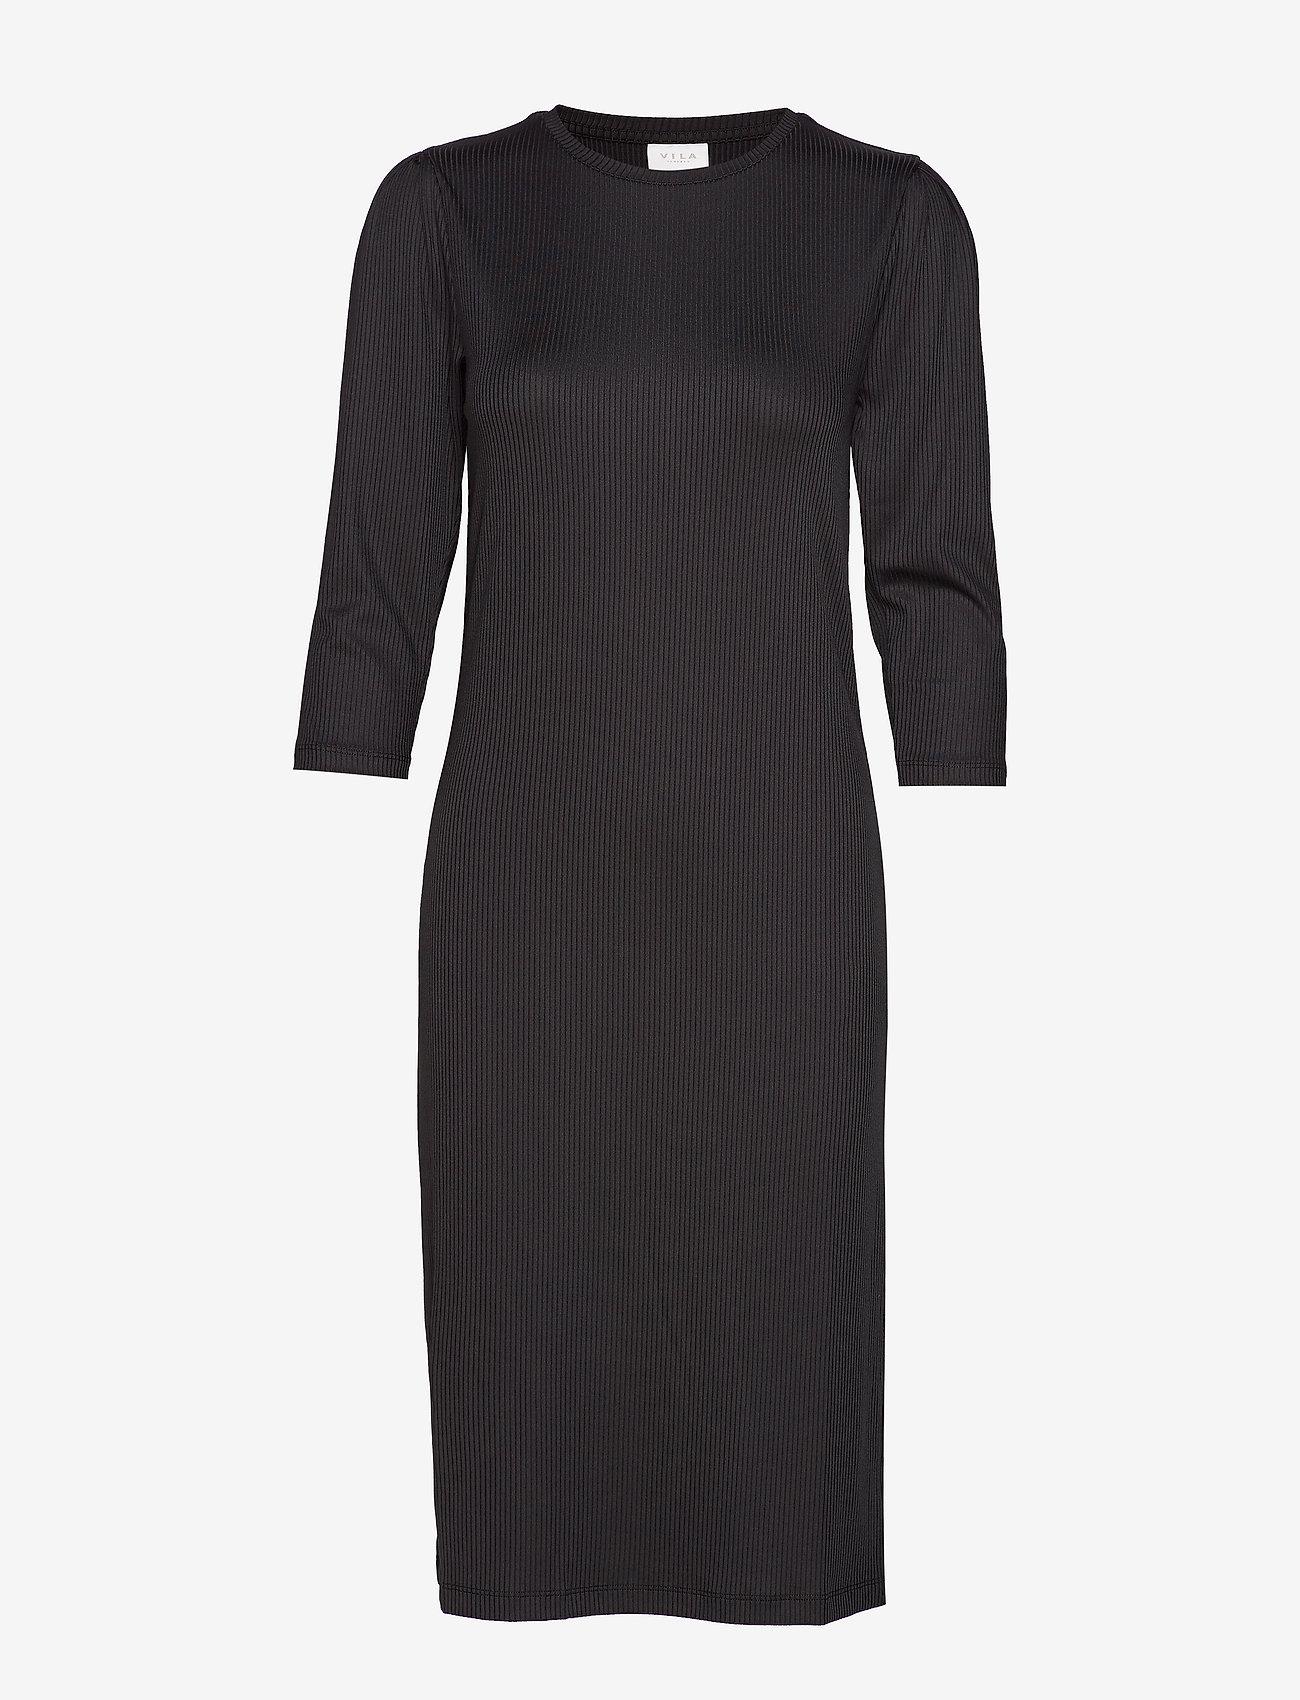 Vila - VISOFJA DRESS /KA - midi dresses - black - 0